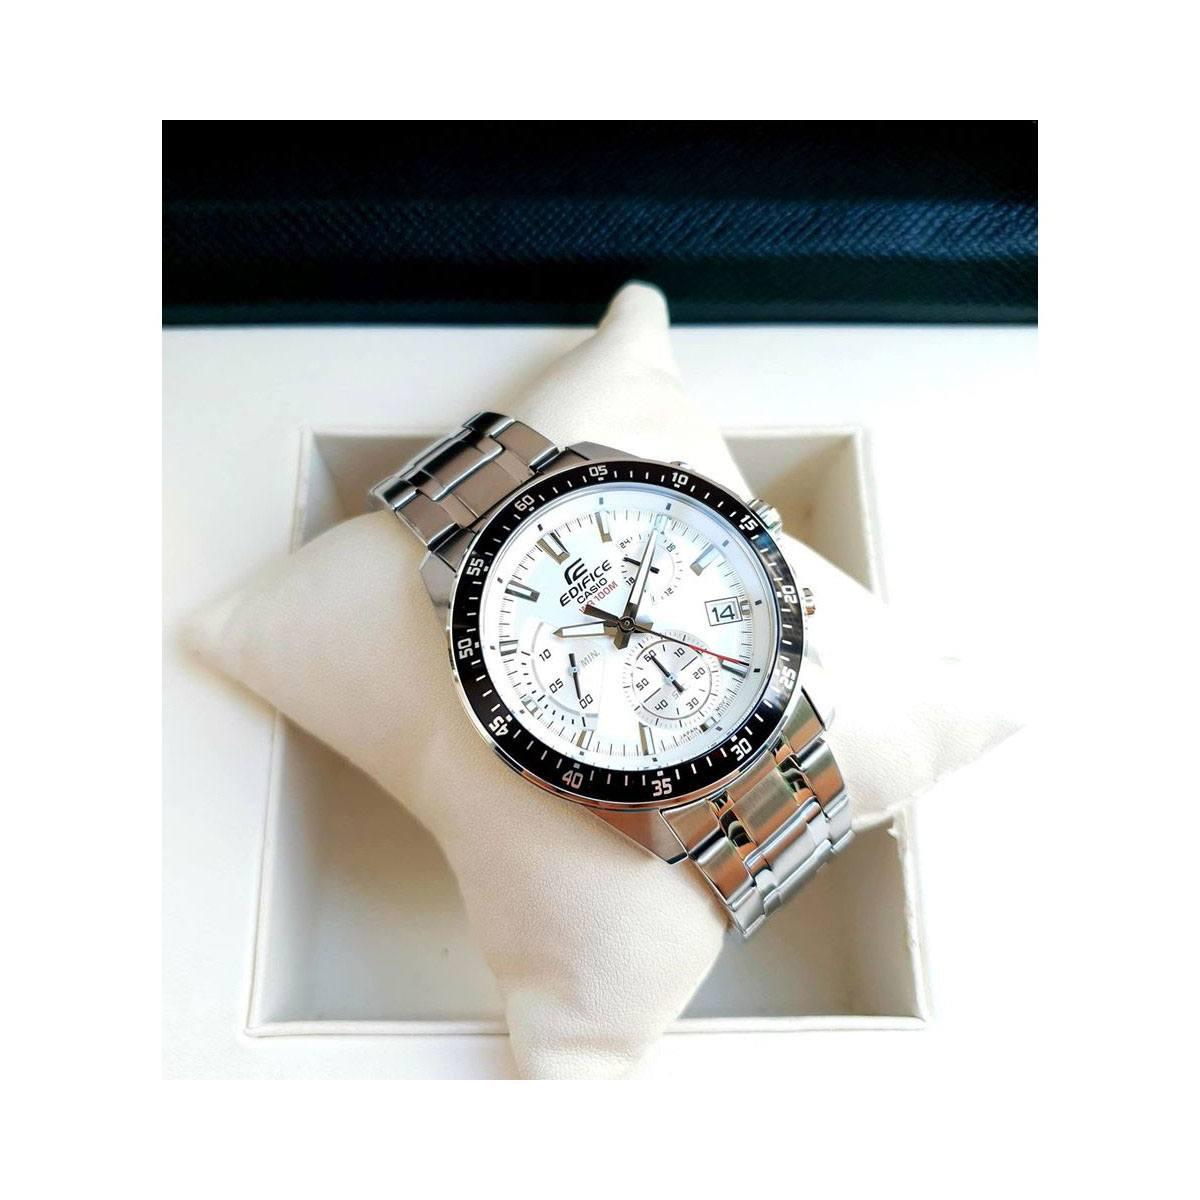 Часовник Casio EFV-540D-7AVUEF